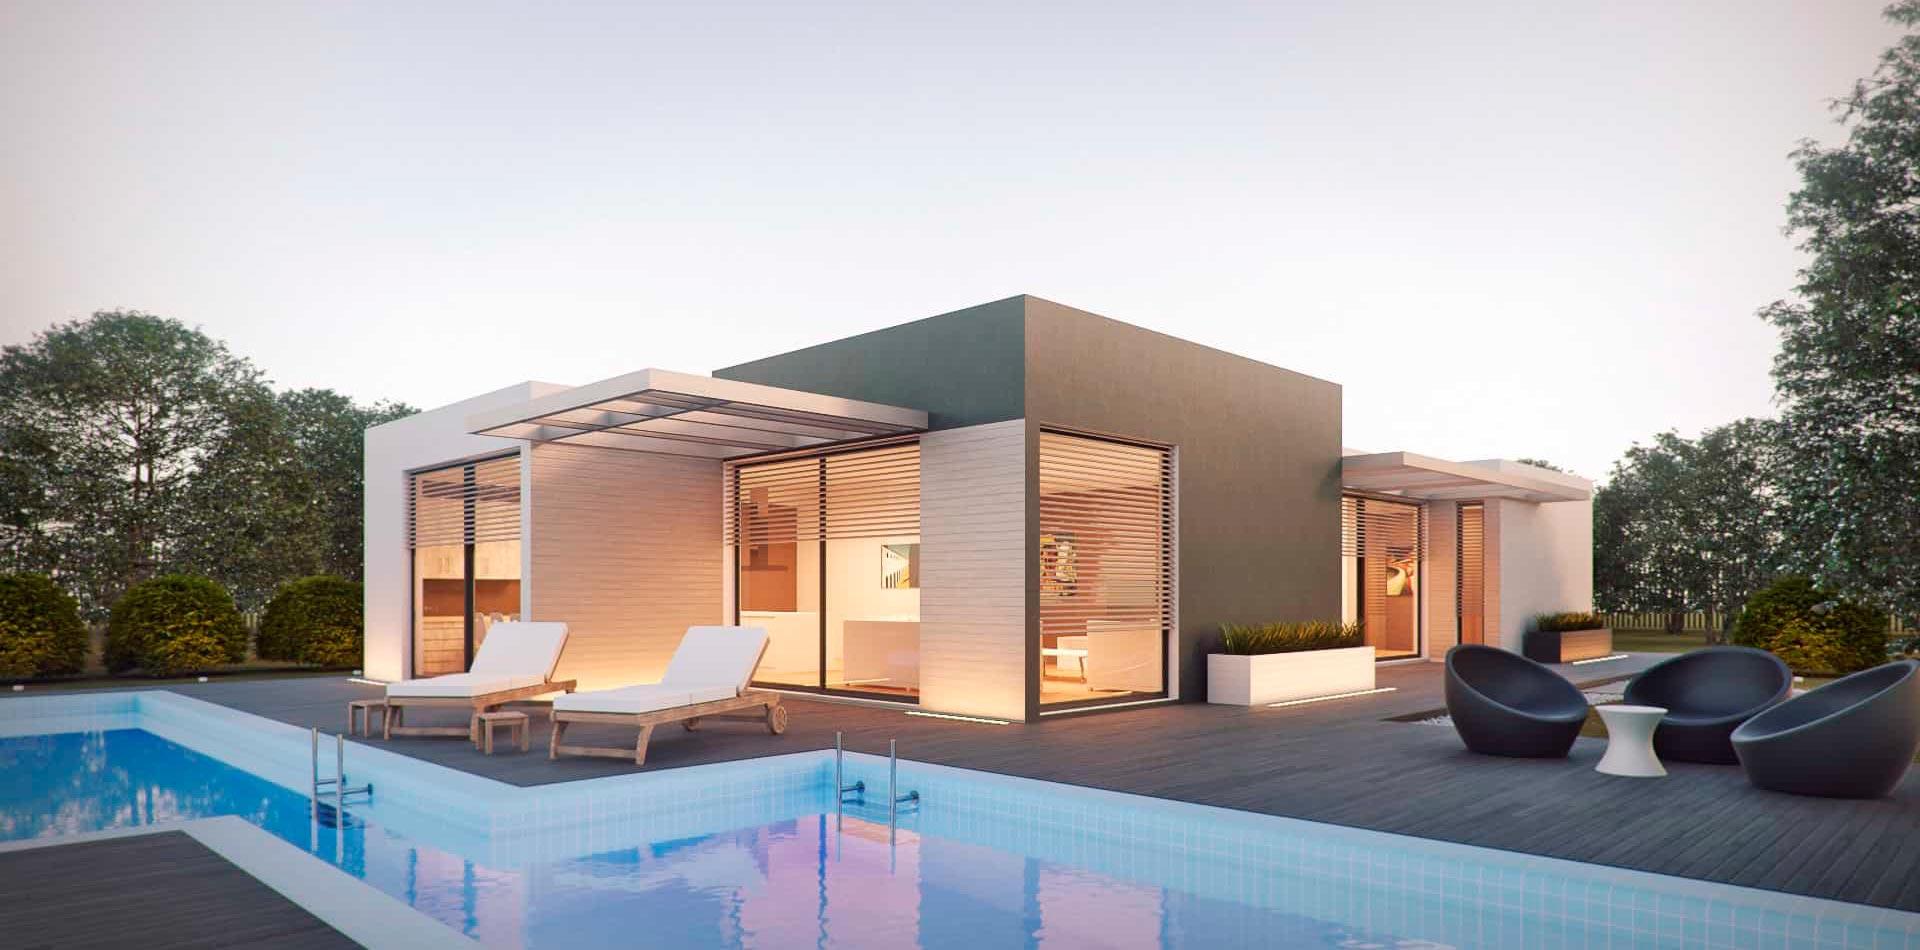 Los Angeles Properties